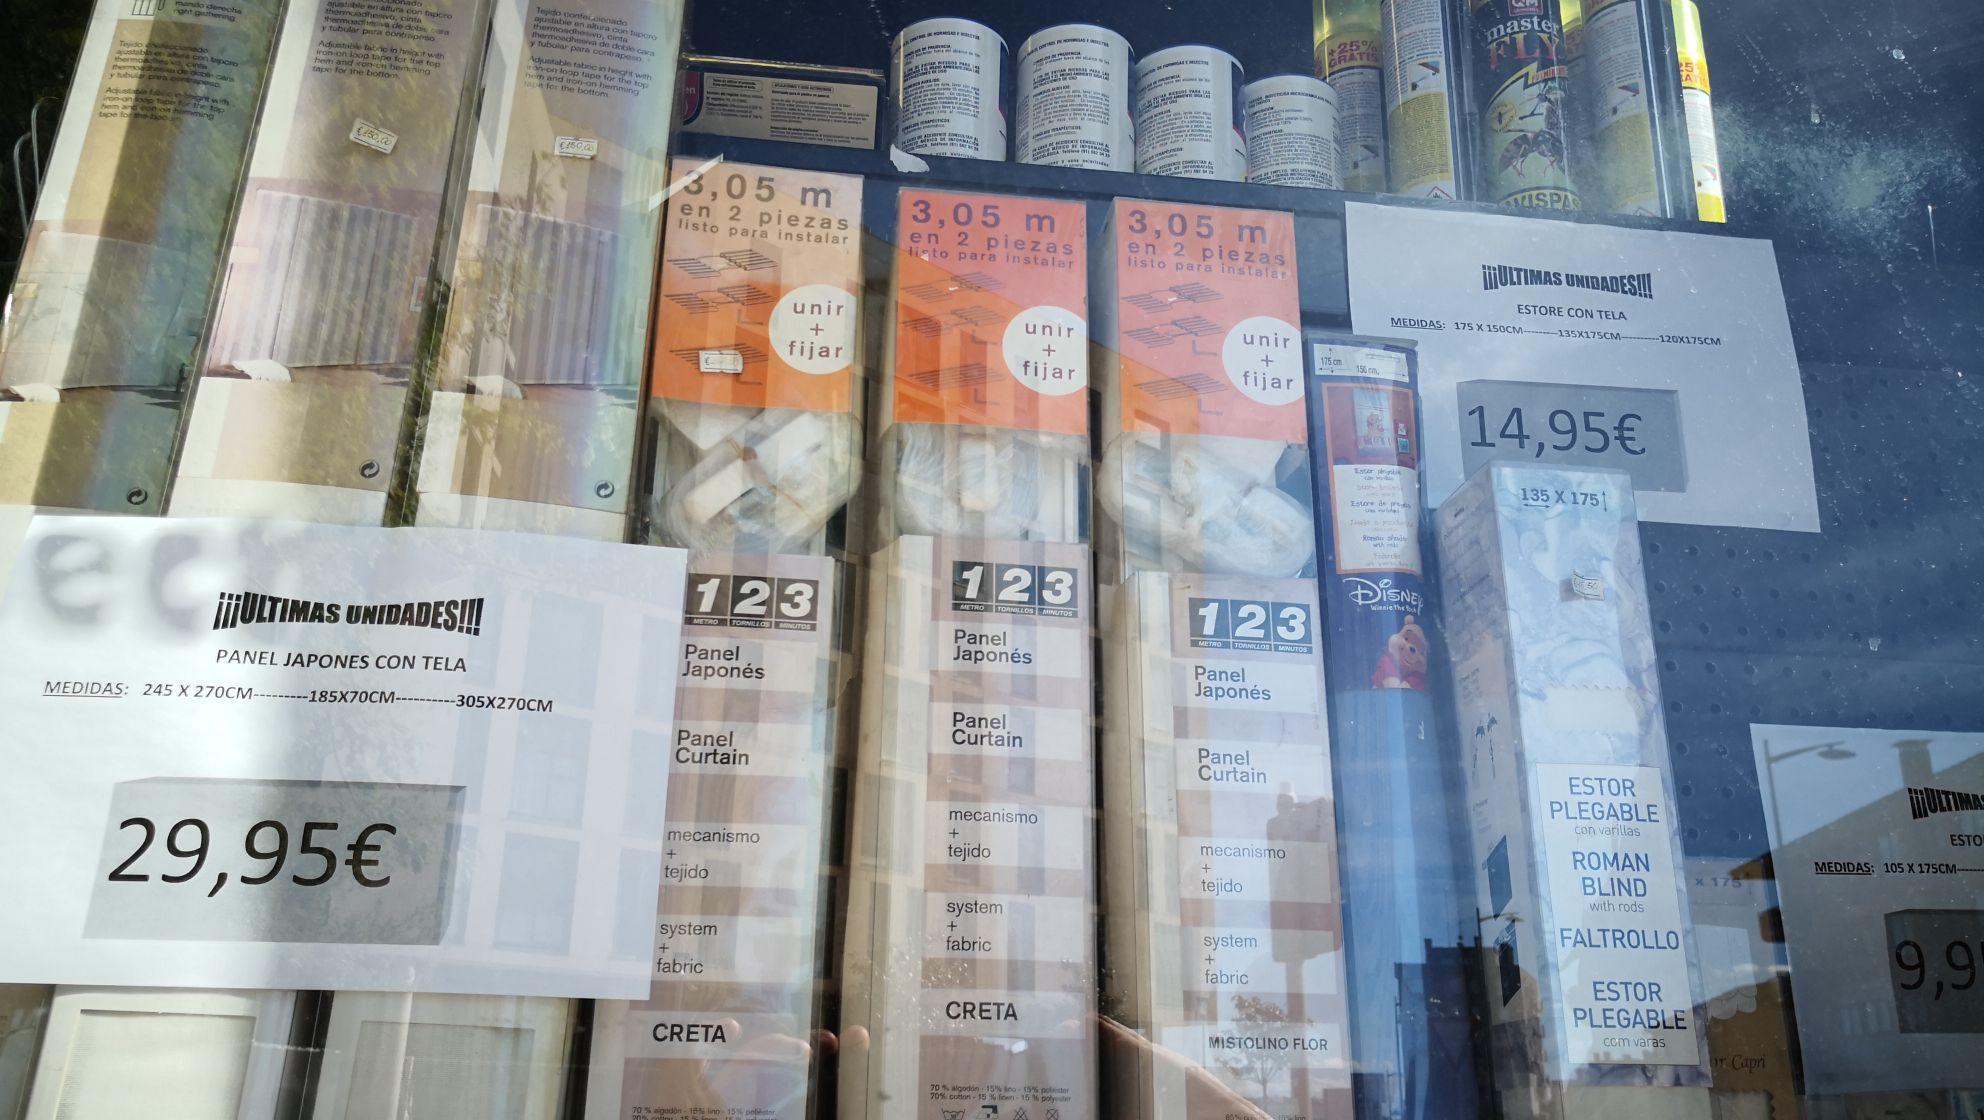 Liquidación en estores y paneles japoneses con tela en  Ferreteria Veyfra ( Burgos)